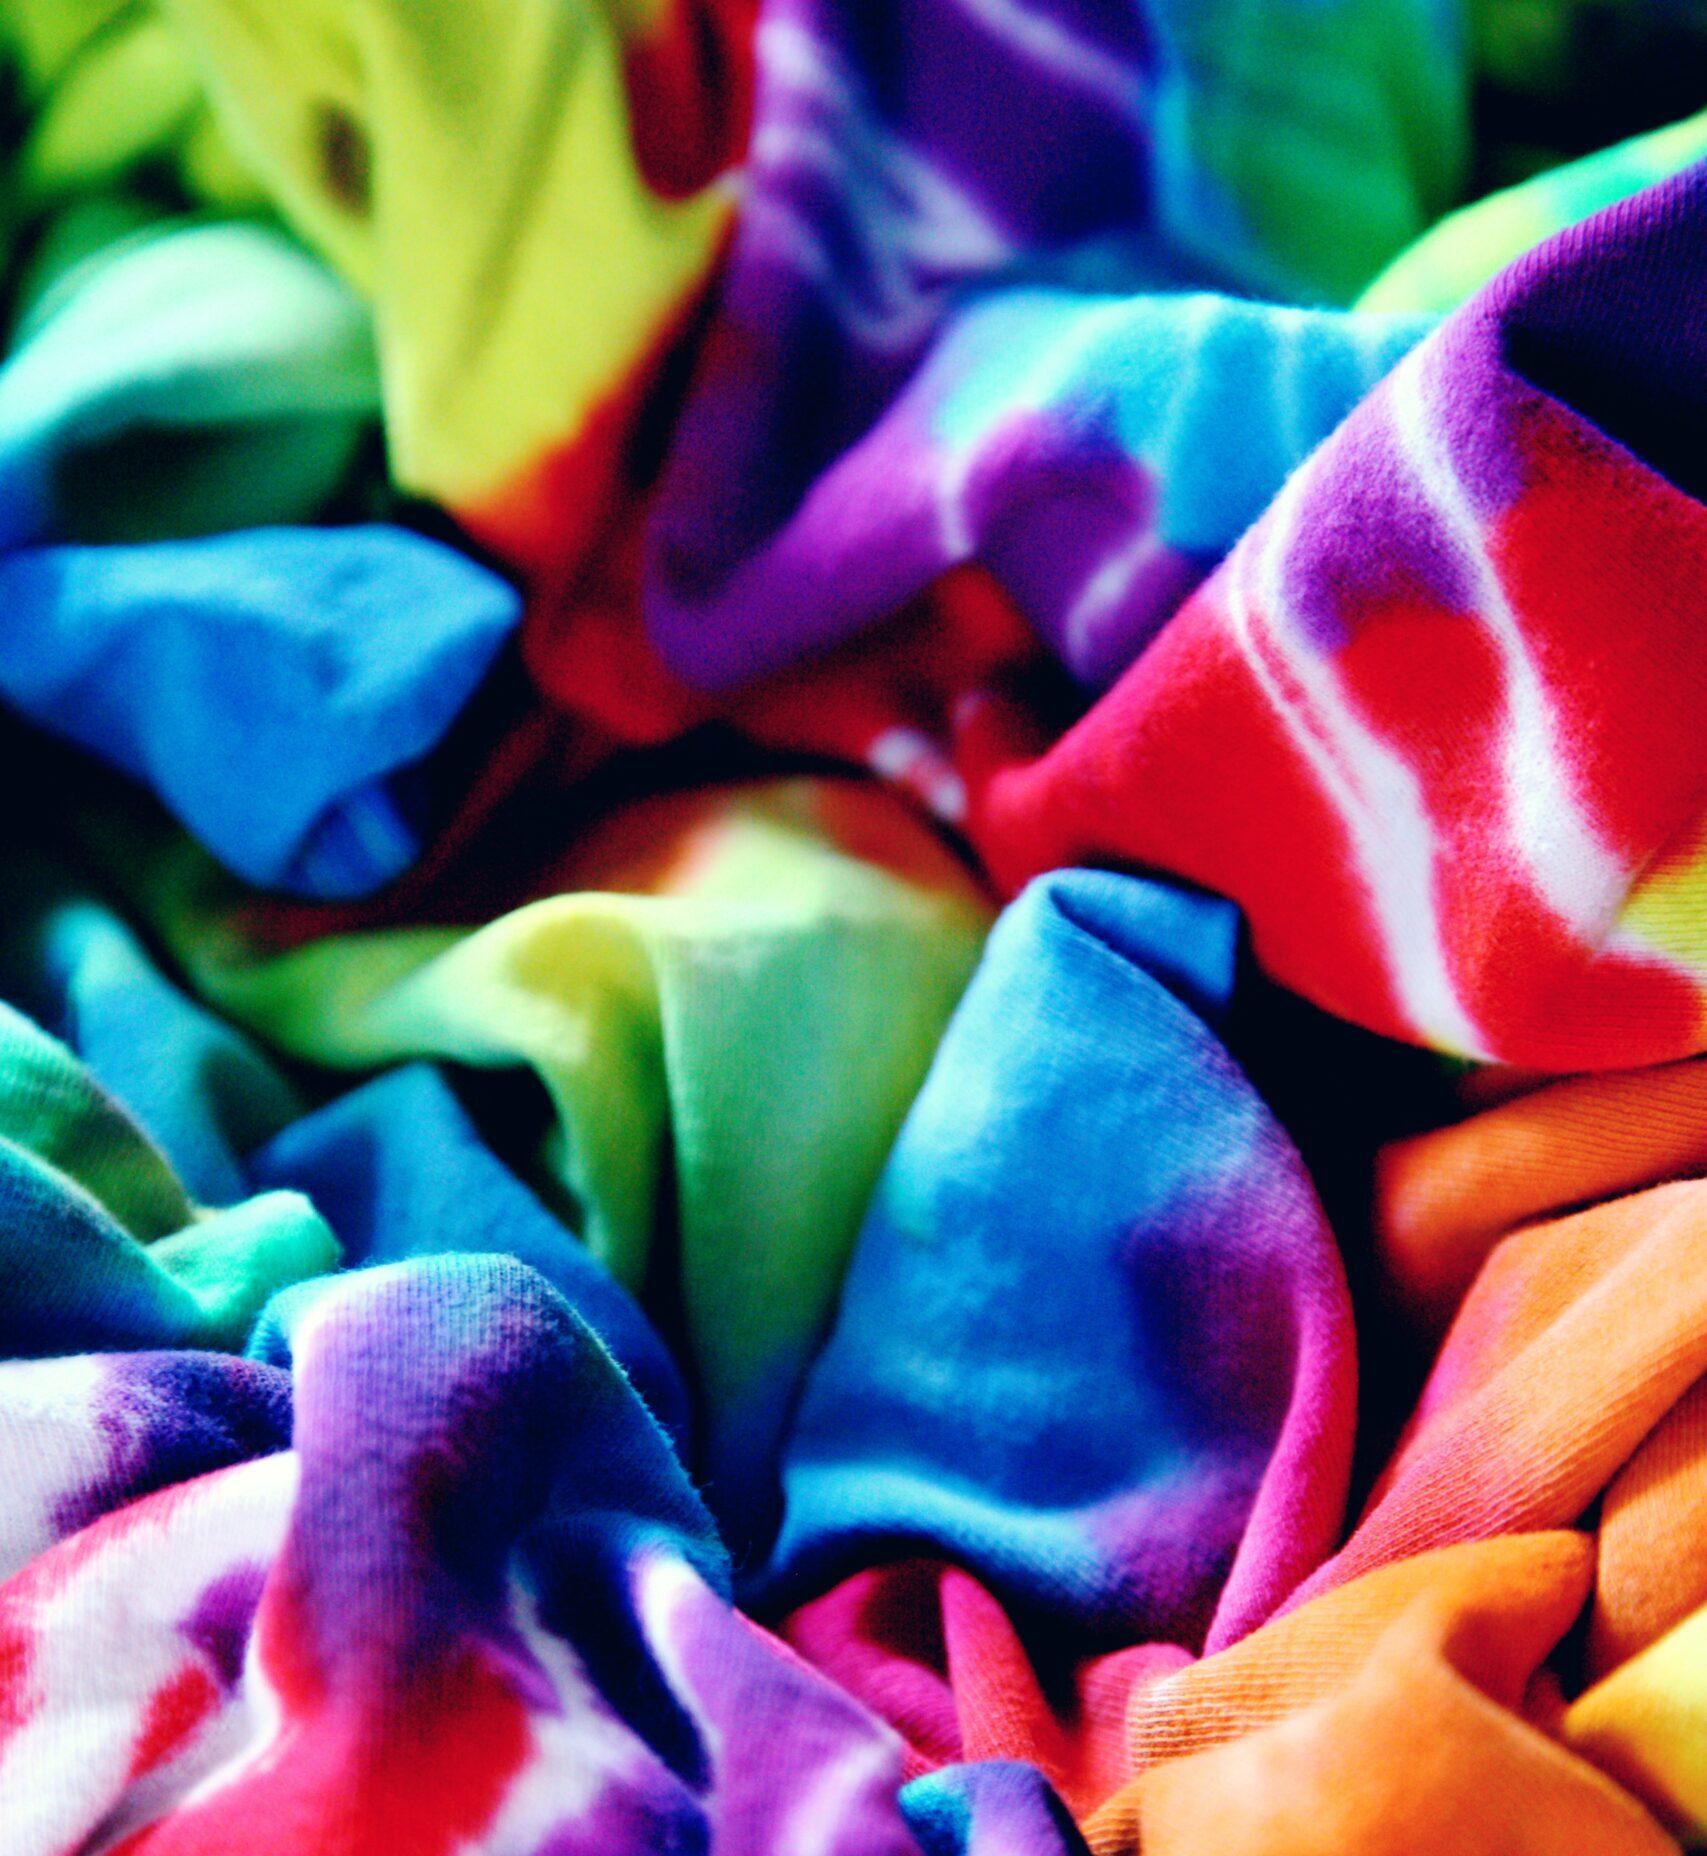 Kolorowe tkaniny zebrane w jednym miejscu, tworzą fale.